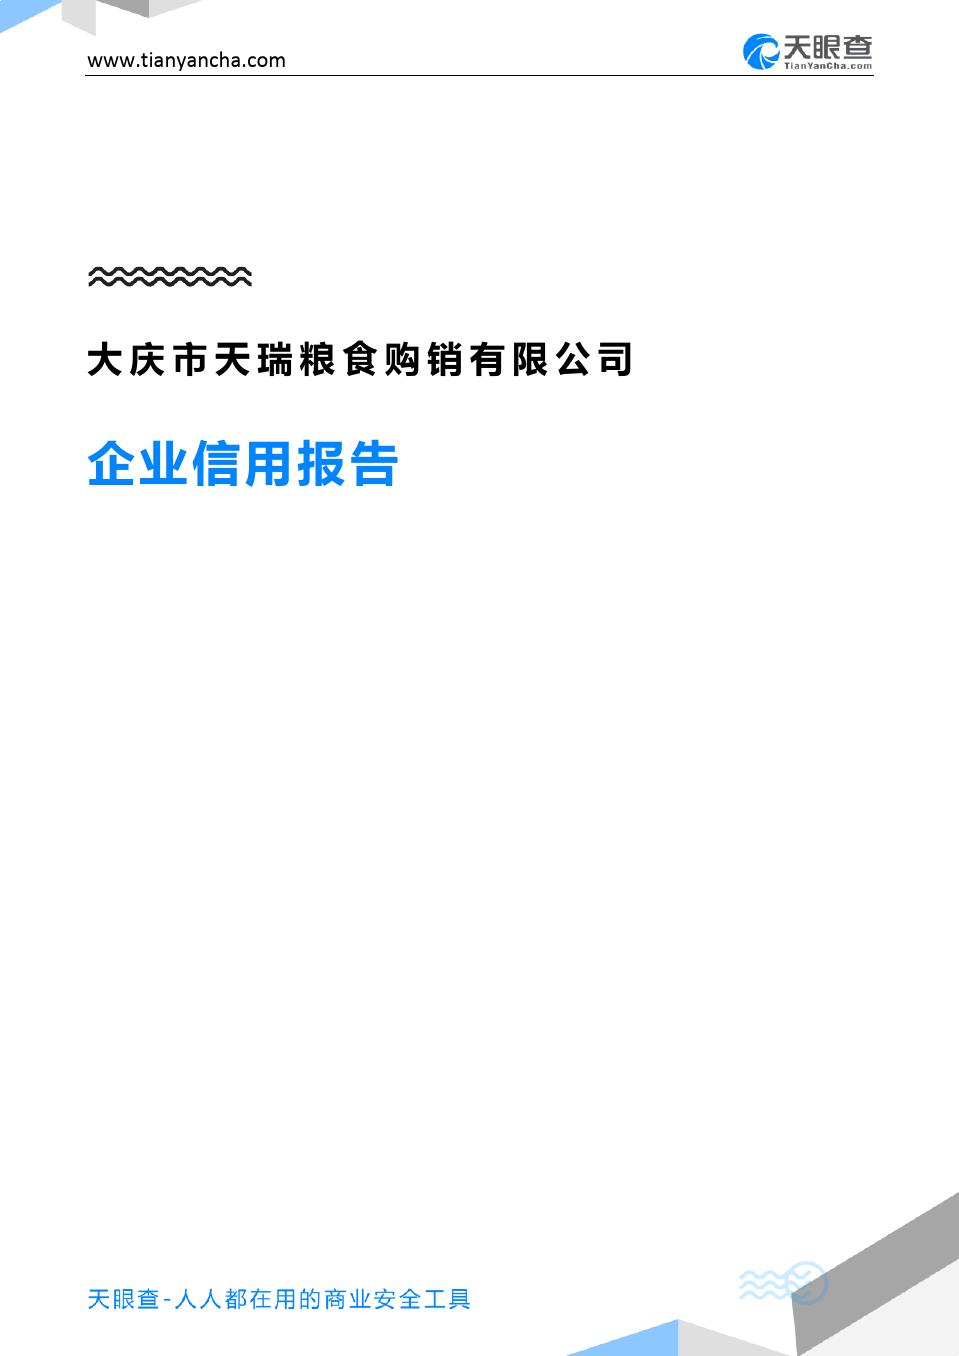 大庆市天瑞粮食购销有限公司企业信用报告-天眼查